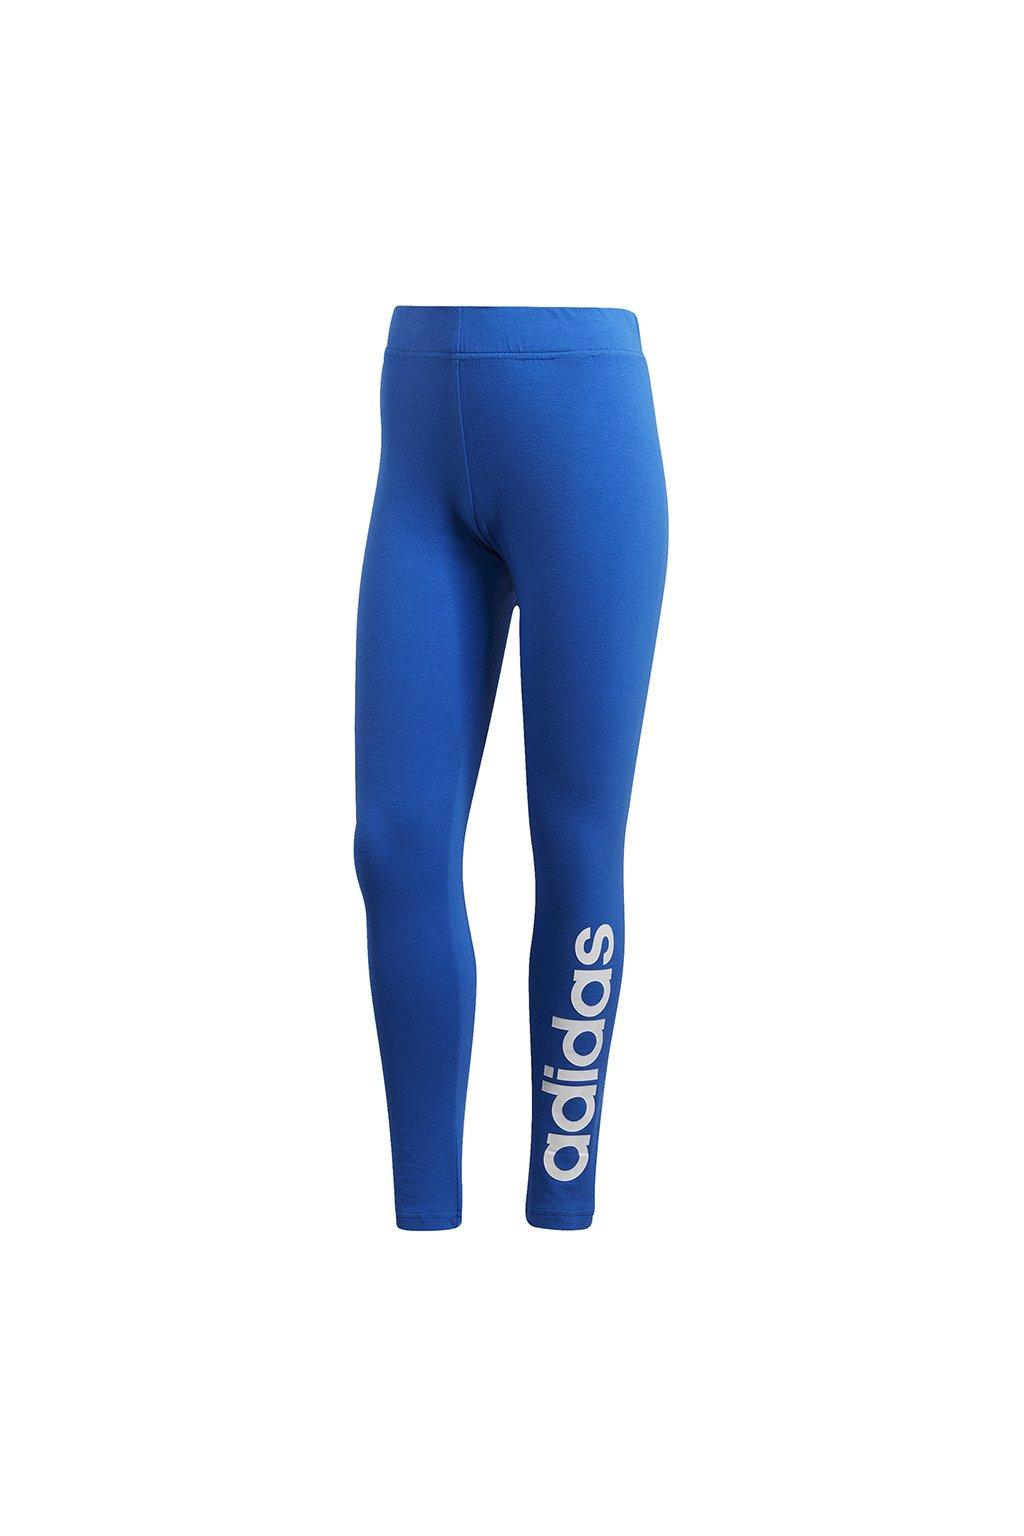 Dámske legíny Adidas W Essentials Linear Tight modré FM6692